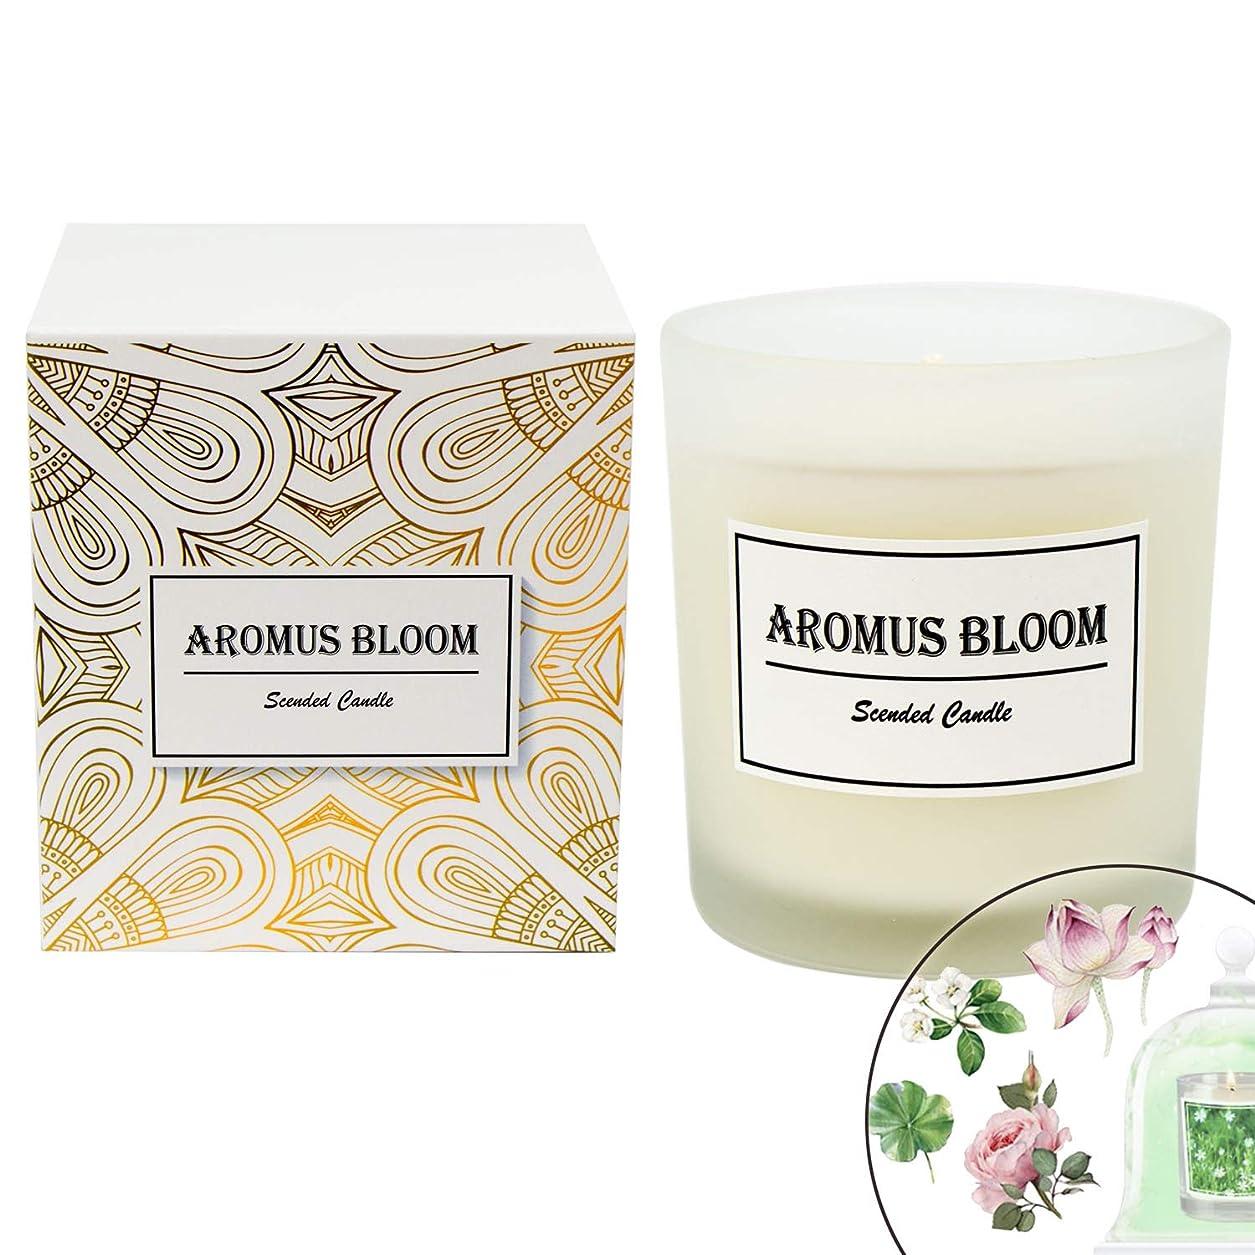 恥ずかしさ暖炉抽選AromusBloom 香り付きキャンドル ギフト 天然エッセンシャルオイル 100% 環境に優しい大豆ワックス アロマセラピーキャンドル ギフトキャンドル レディース Green Lush B07D82D5S5